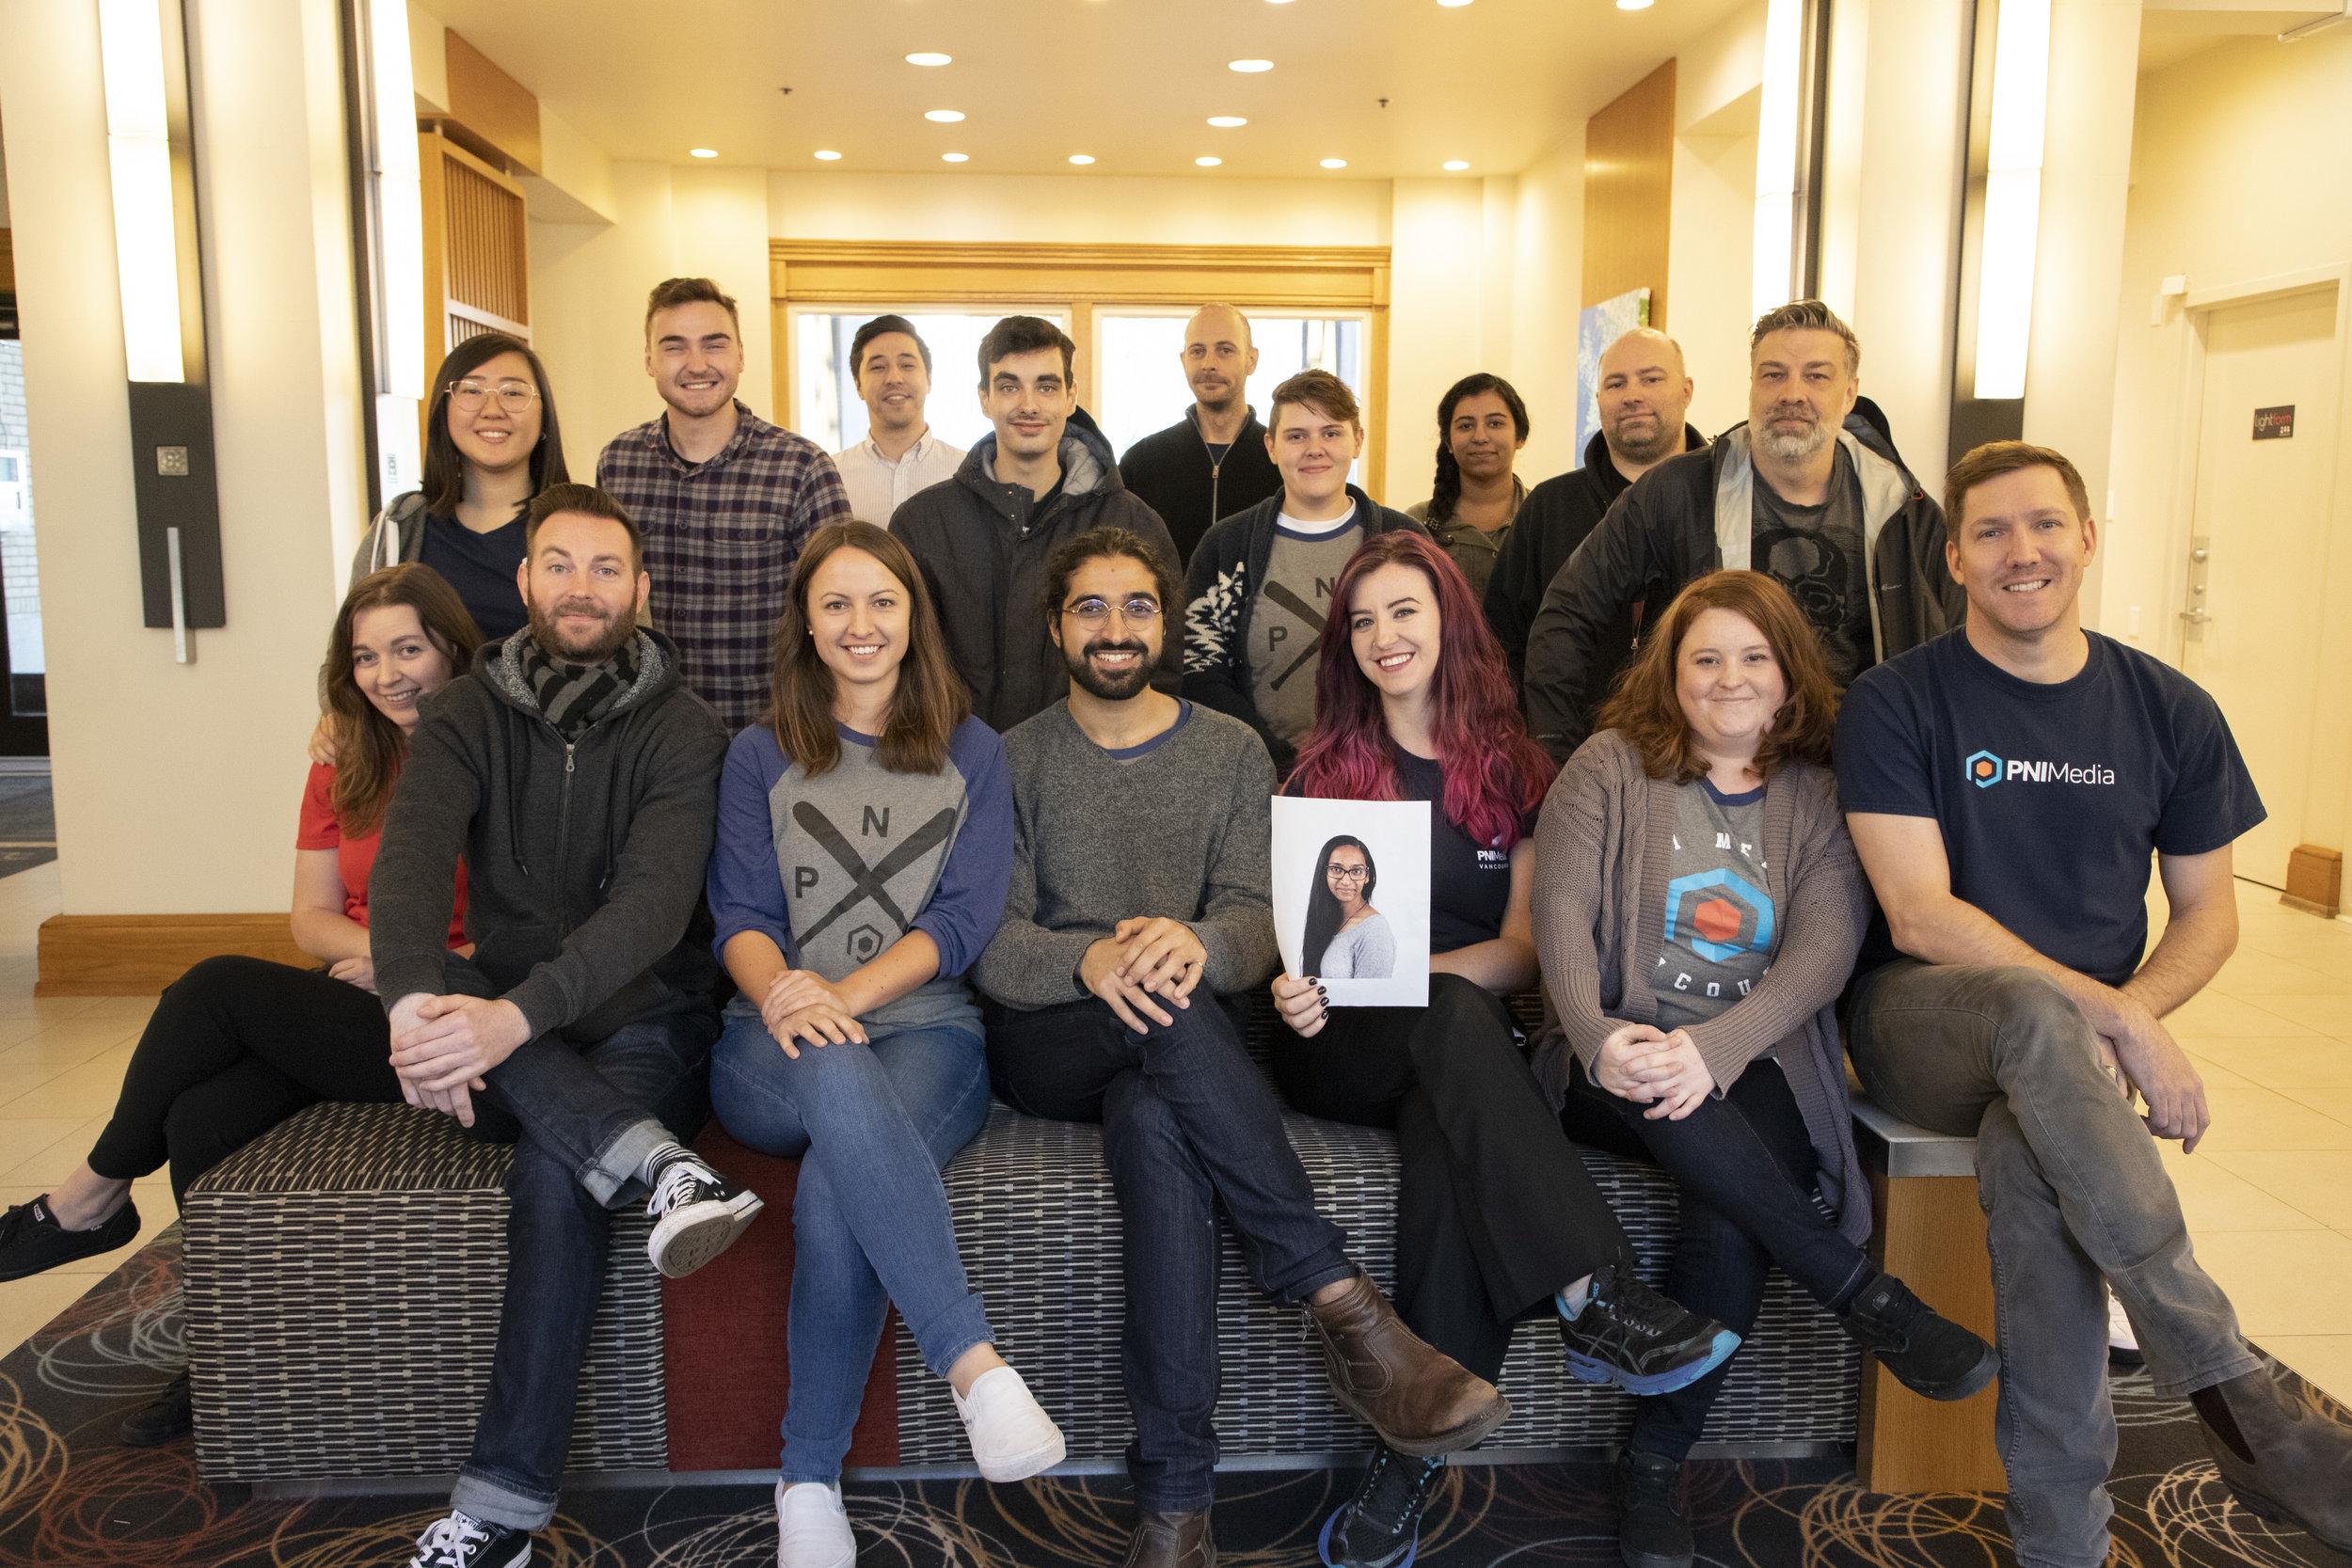 The all-star Culture Club team!  Top: Michelle, Daniel H, Daniel K, Justin, Steve, Kayla, Sayyeda, Geoff, Troy. Bottom: Samantha, Devon, Carlee, Sam, Fedora, Amanda, Laura, Andre.